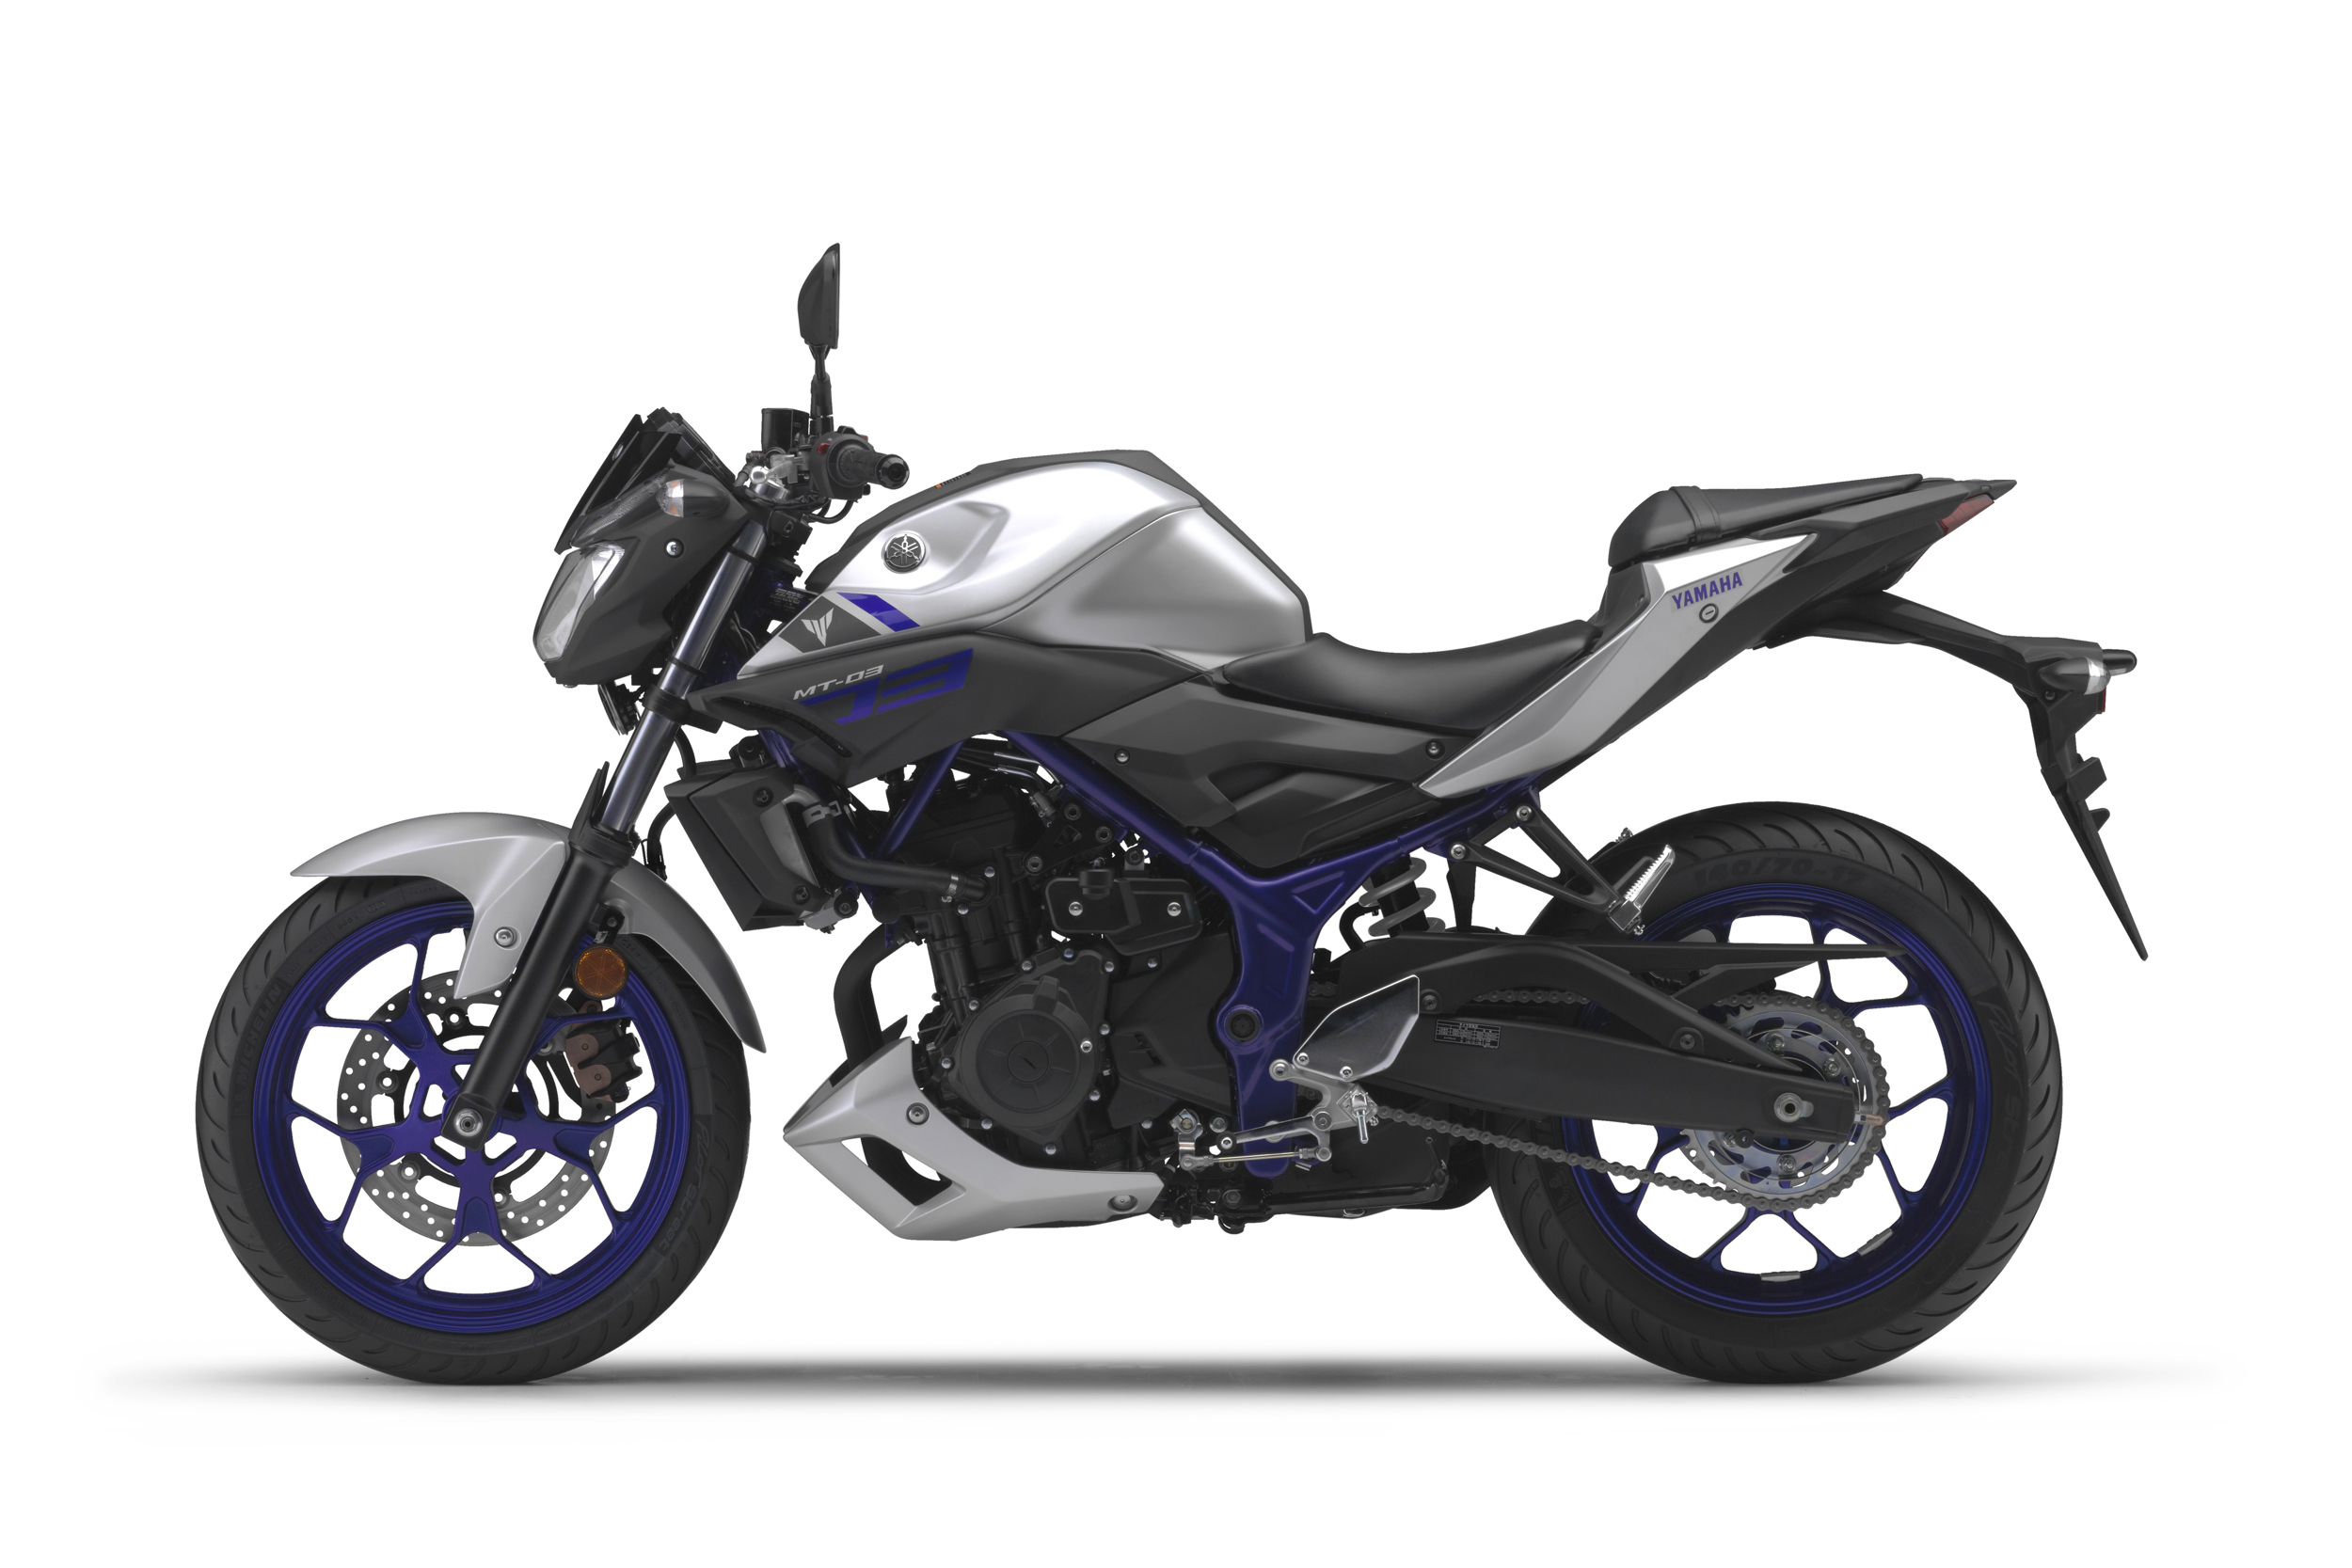 Yamaha MT-03 confirmed